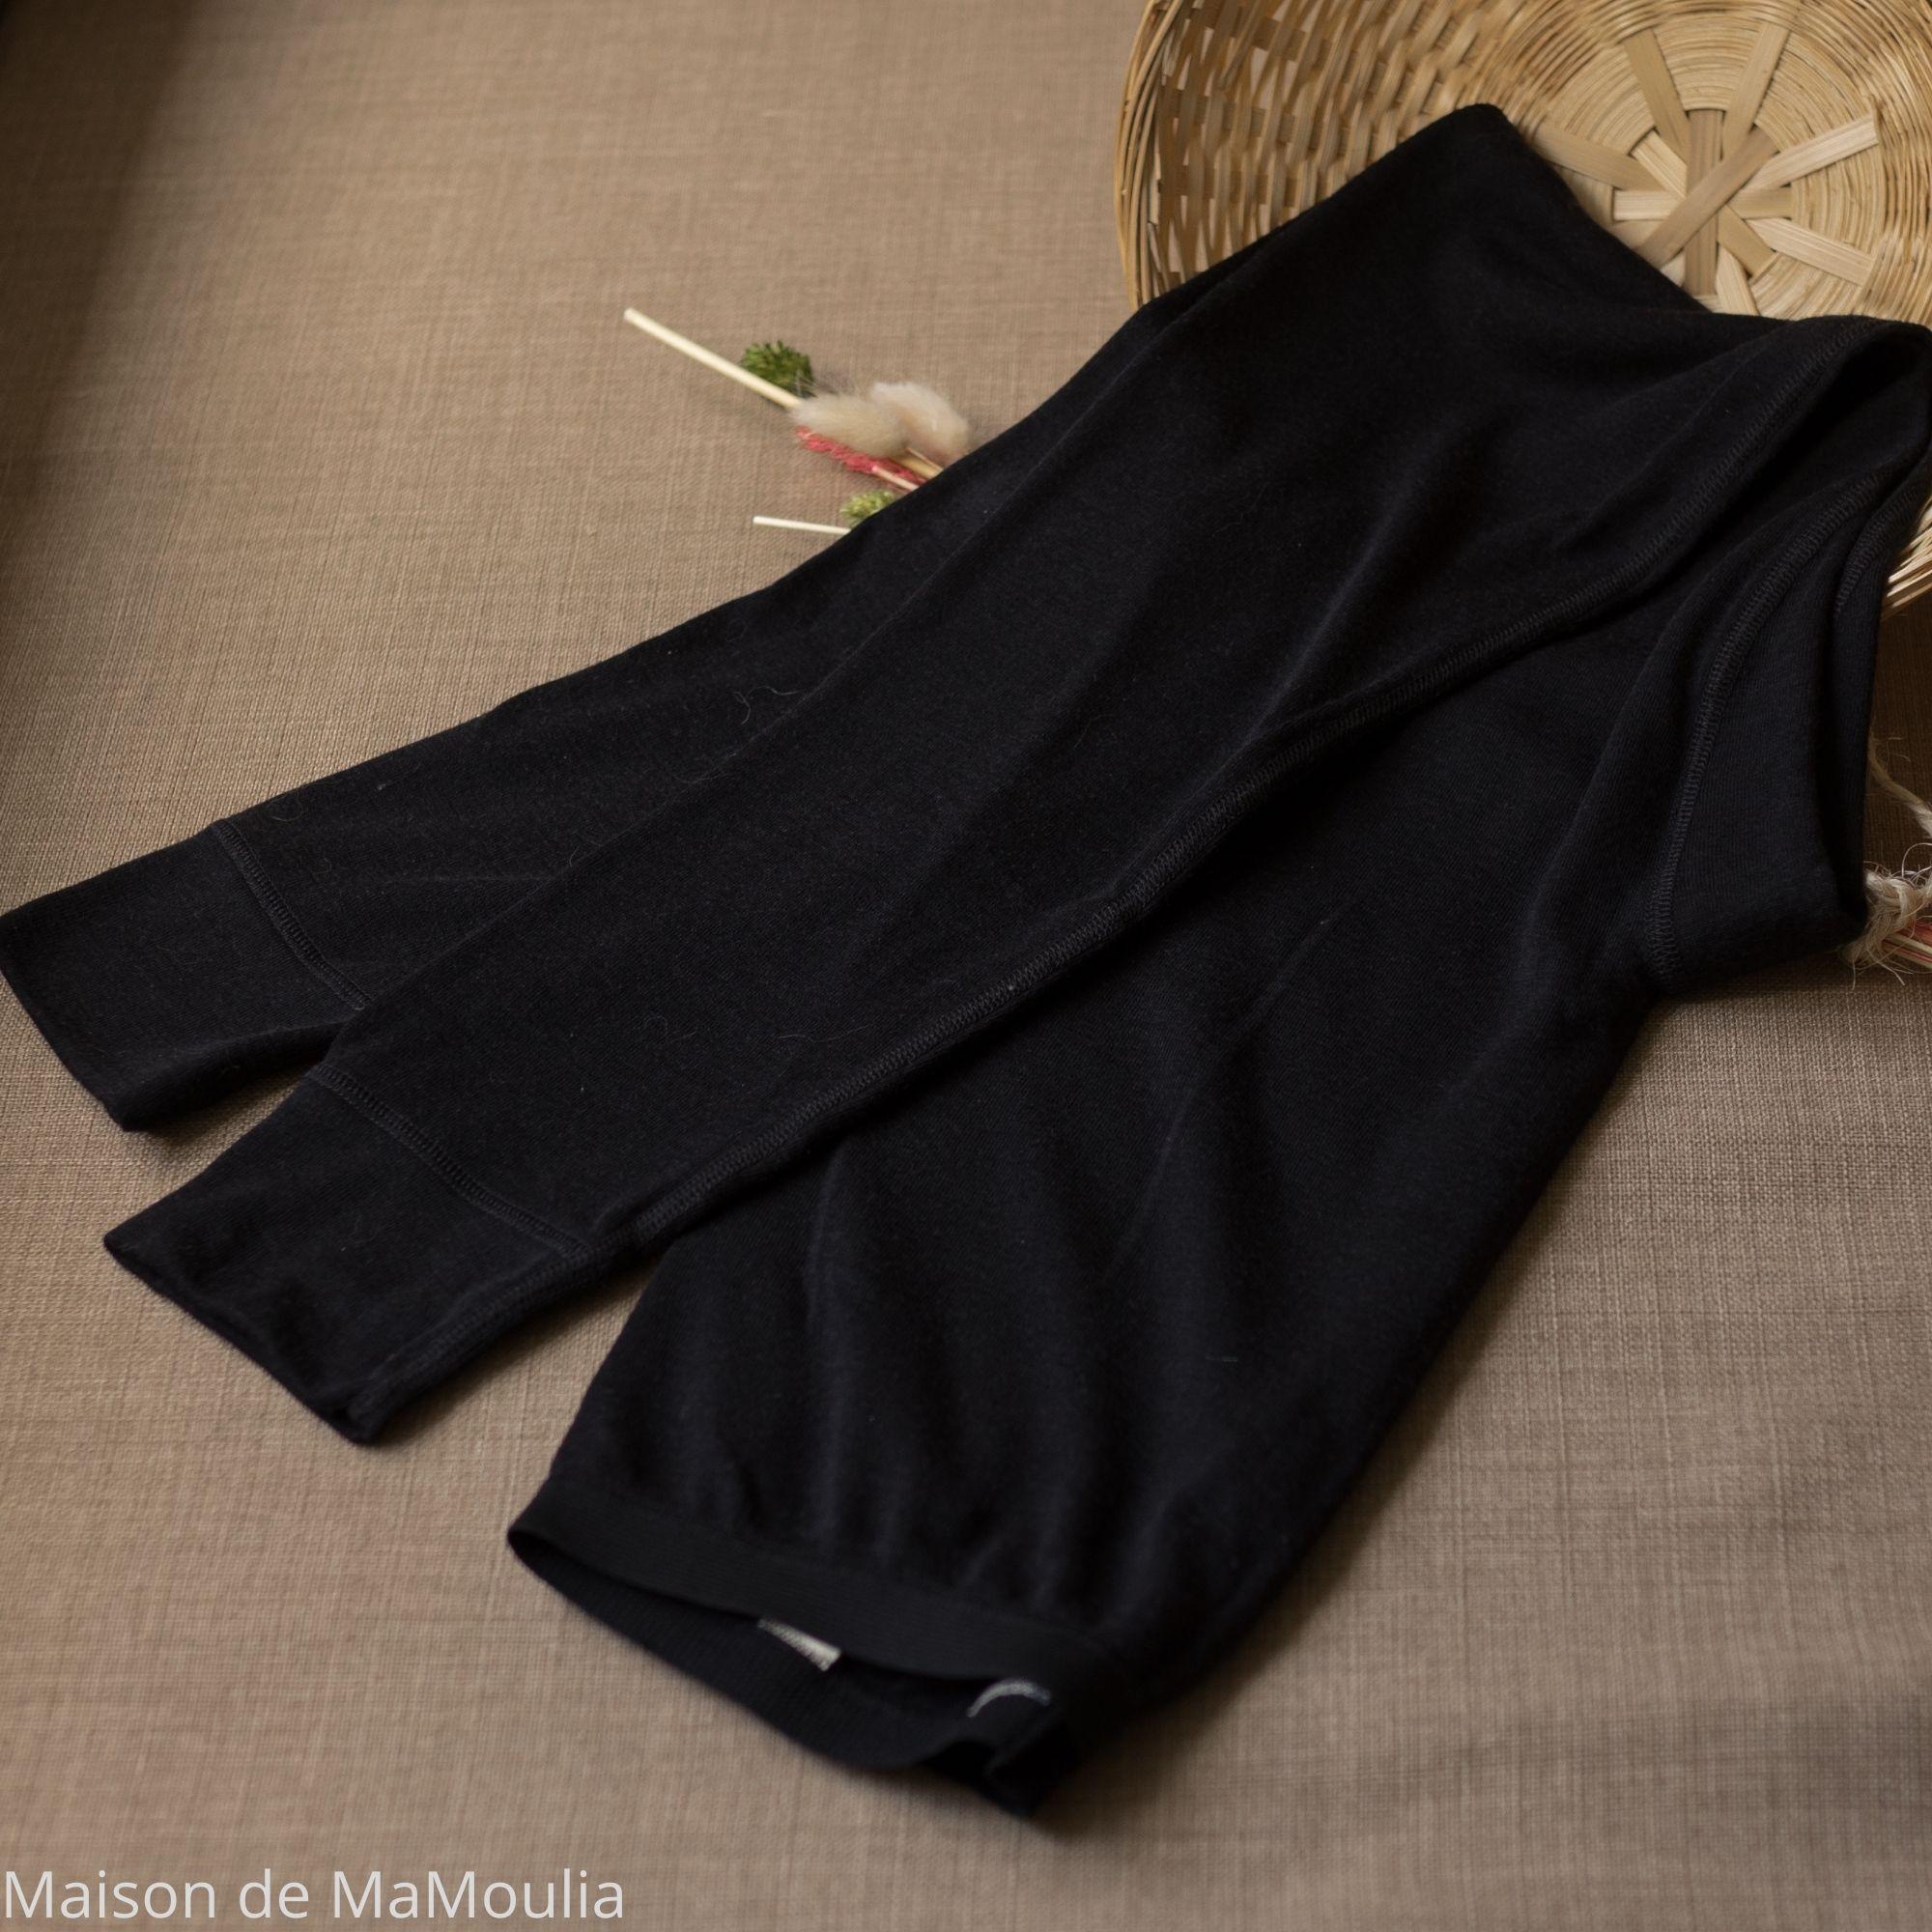 COSILANA - Legging pour Femme - 70% laine/ 30% soie, Noir